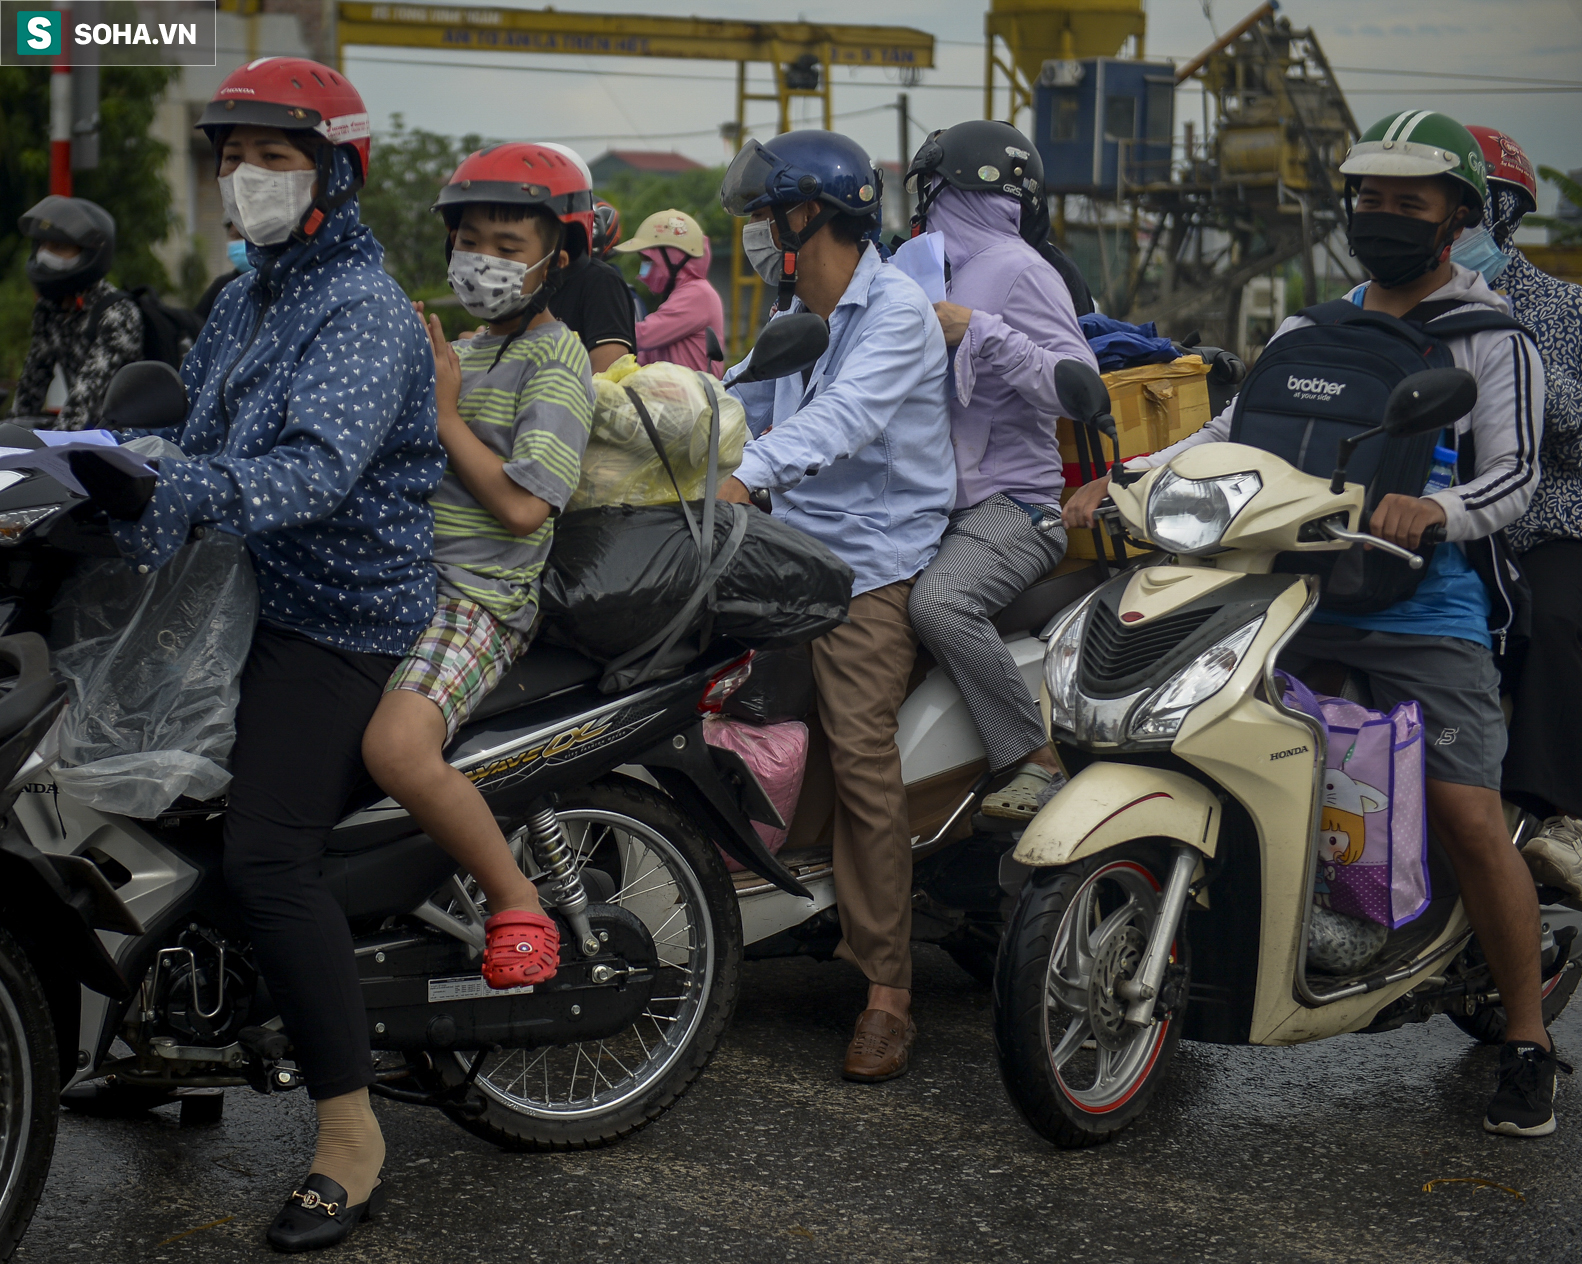 Đi xe máy hơn 1.500km ra Hà Nội, 2 bố con ăn ngủ tại chốt Cầu Giẽ chờ người đưa đi cách ly - Ảnh 2.